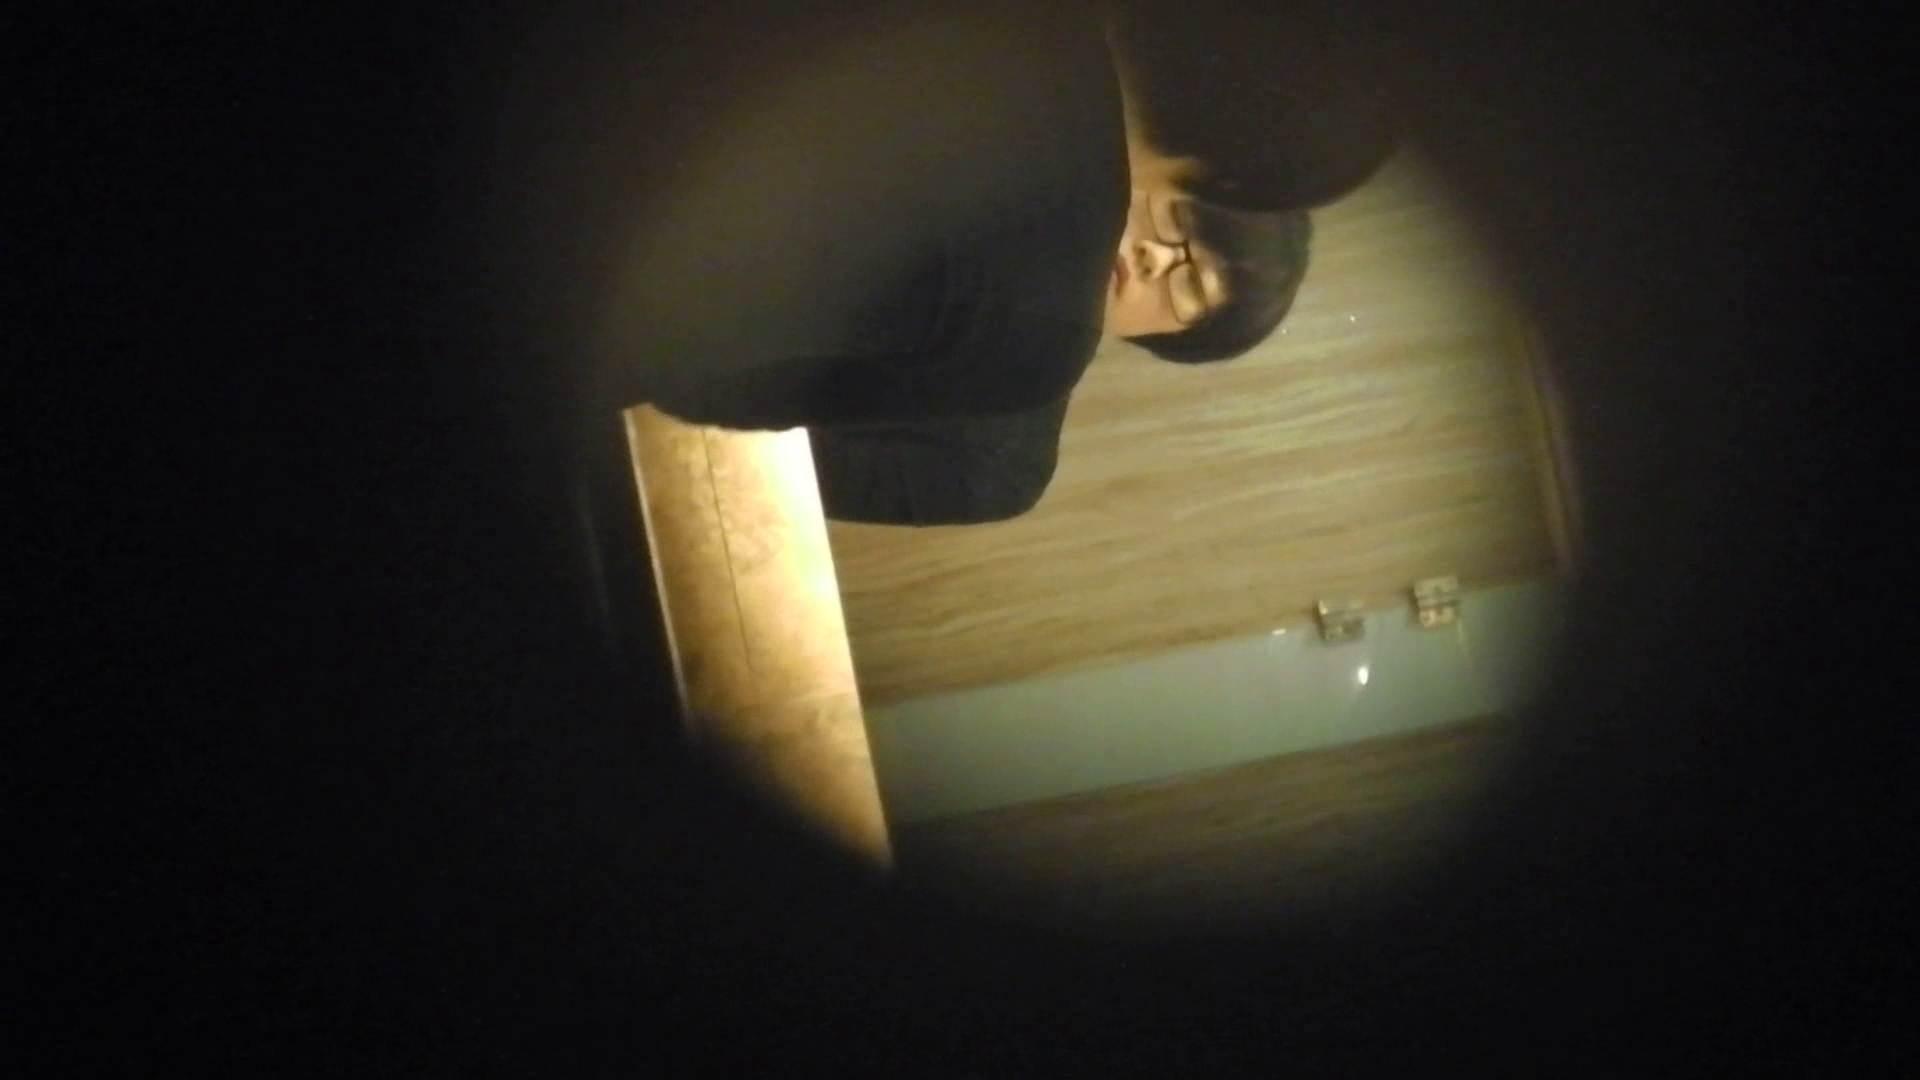 阿国ちゃんの「和式洋式七変化」No.15 洗面所 | 和式  90pic 49